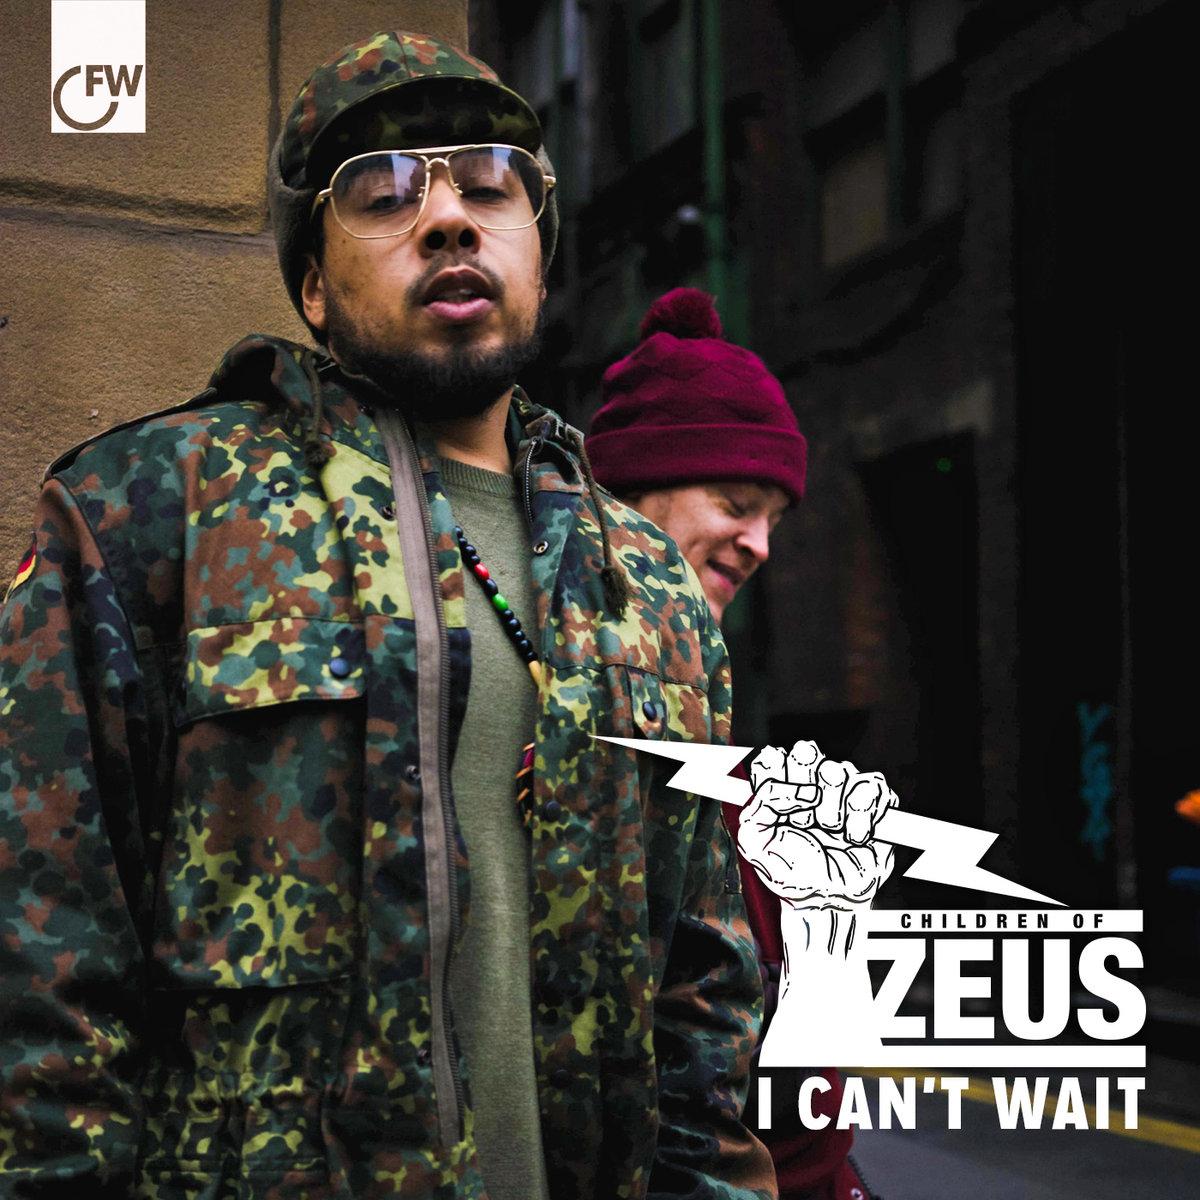 Children_of_zeus_presentan__i_can_t_wait_